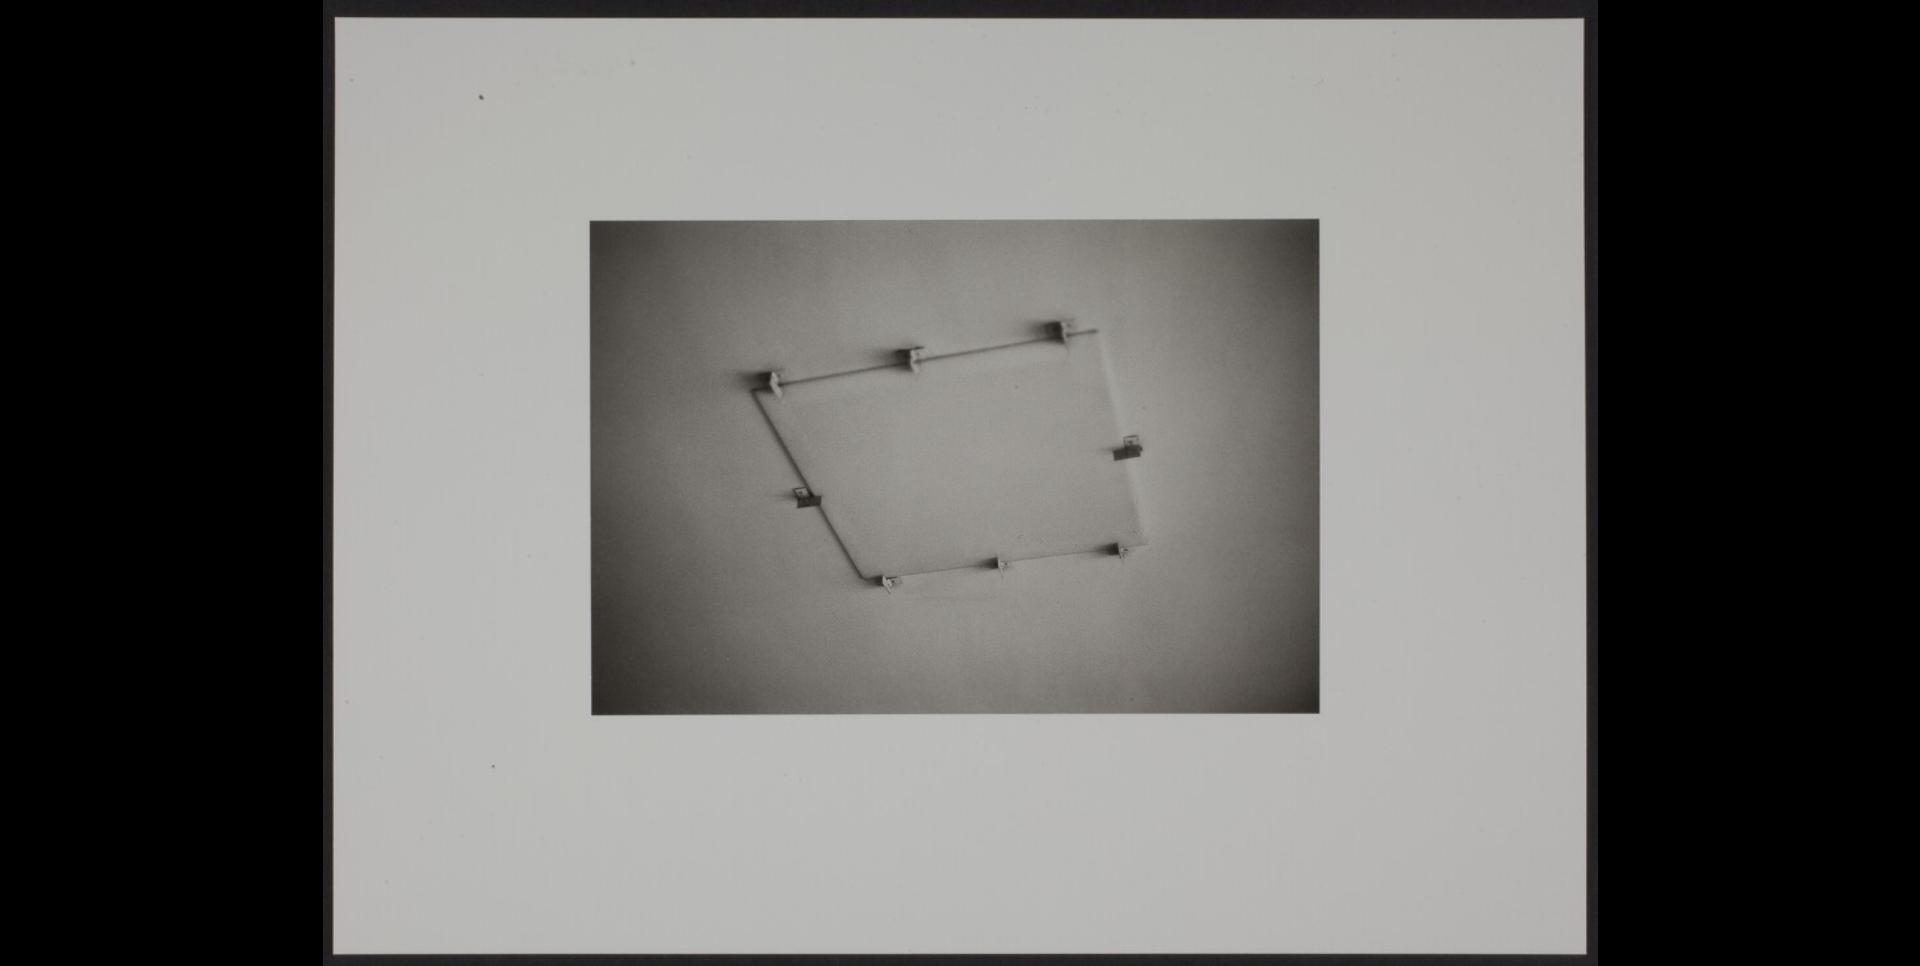 Trois plafonniers carrés encastrés dans le plafond